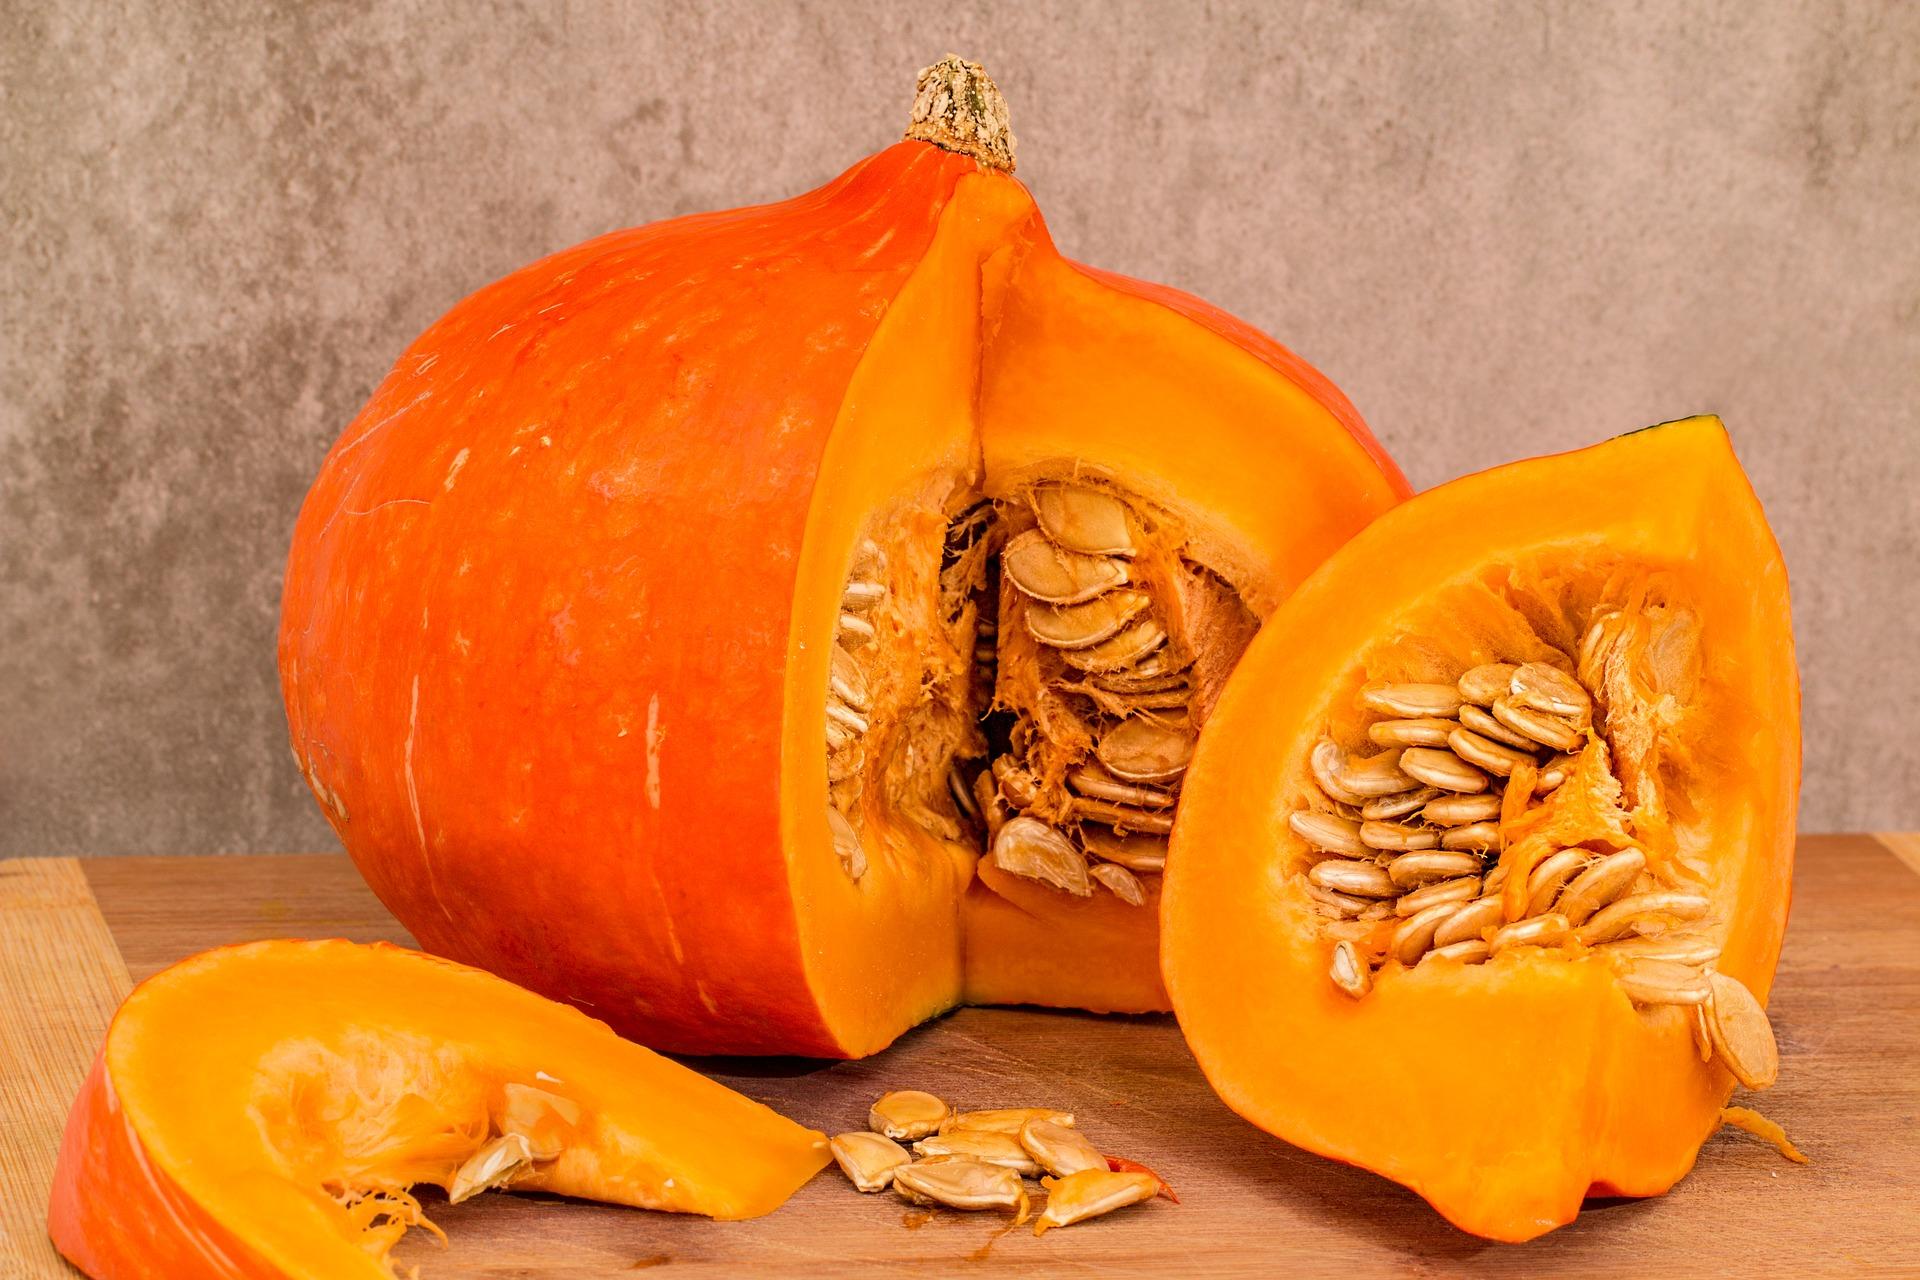 pumpkin-3360793_1920